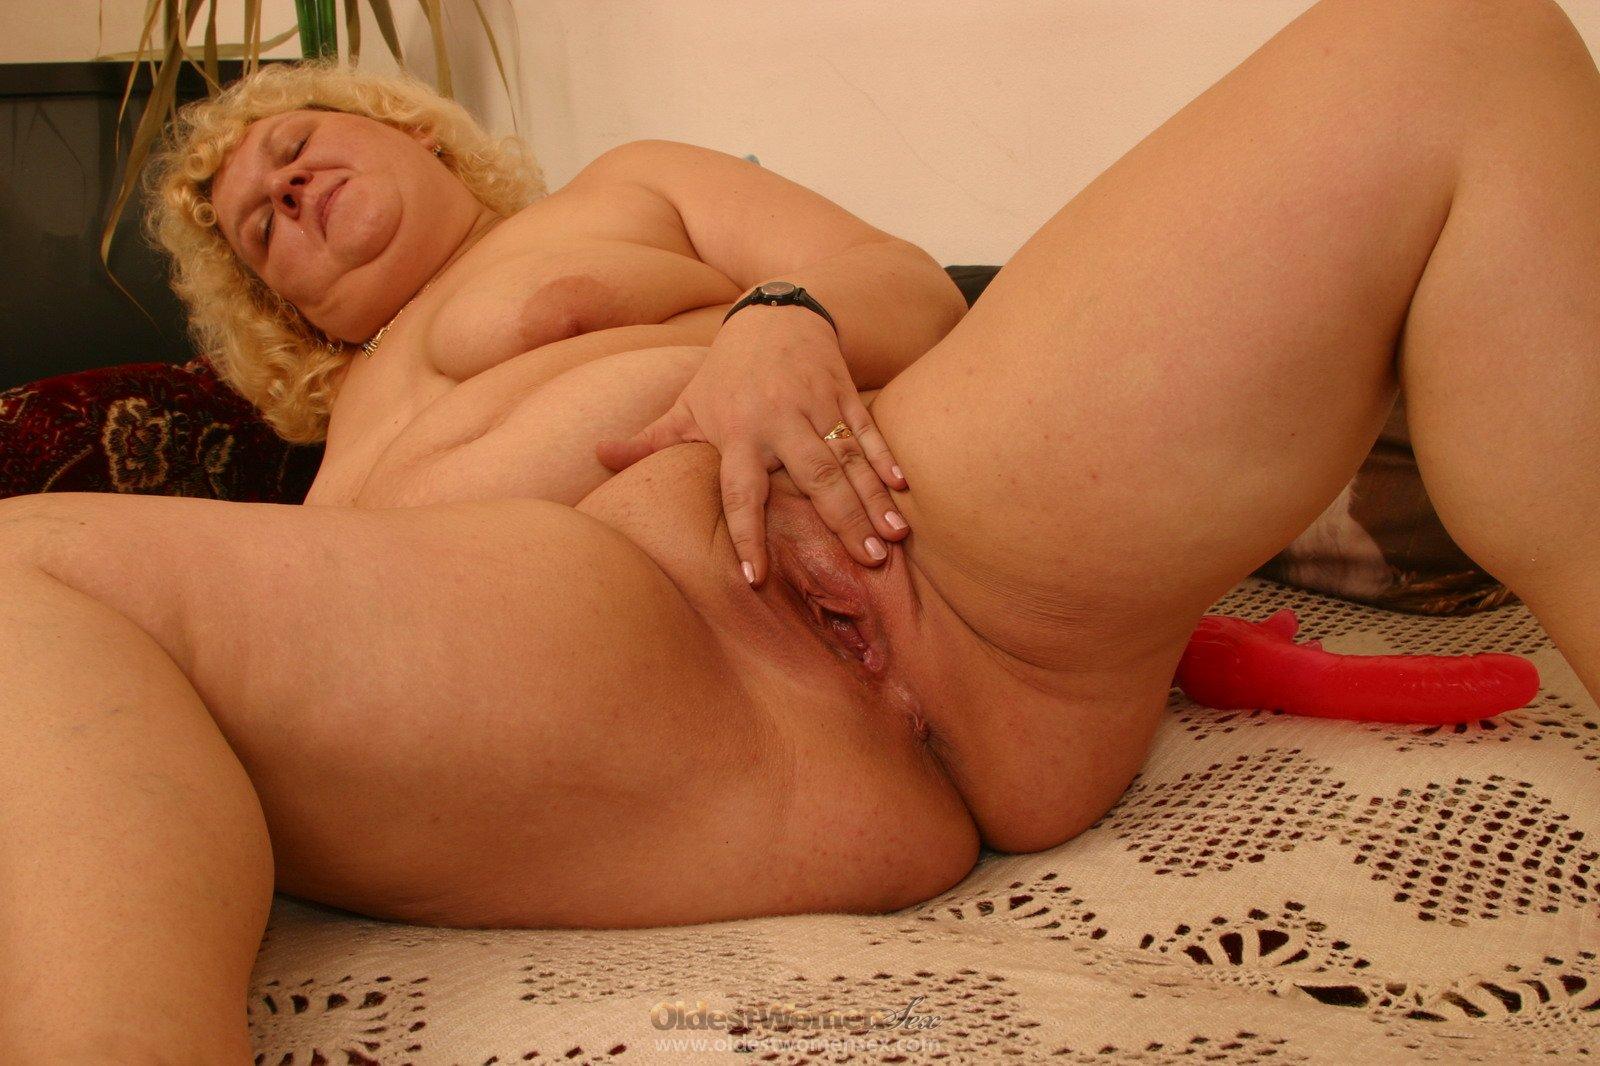 Фото порно пизд толстых, Порно фото толстых, Фото голых толстых баб 9 фотография